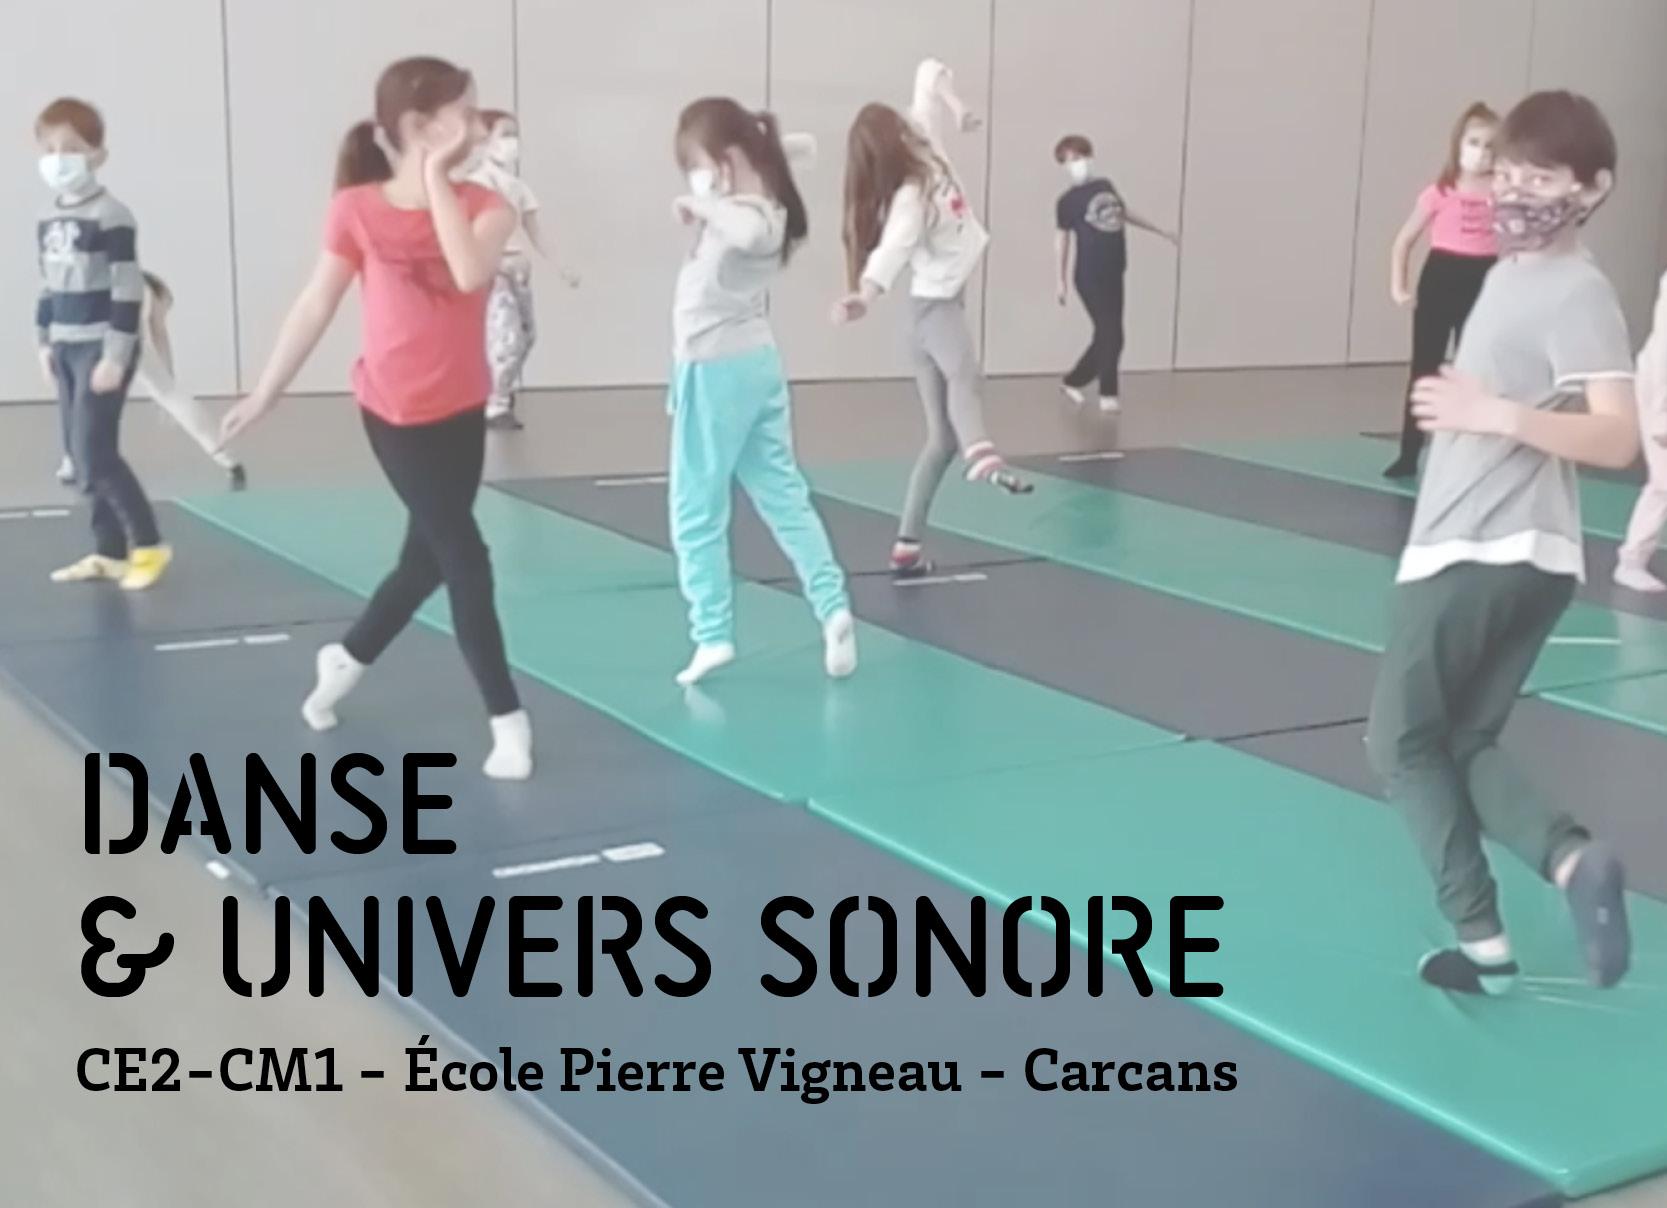 CE2 CM1 Pierre Vigneau Carcans